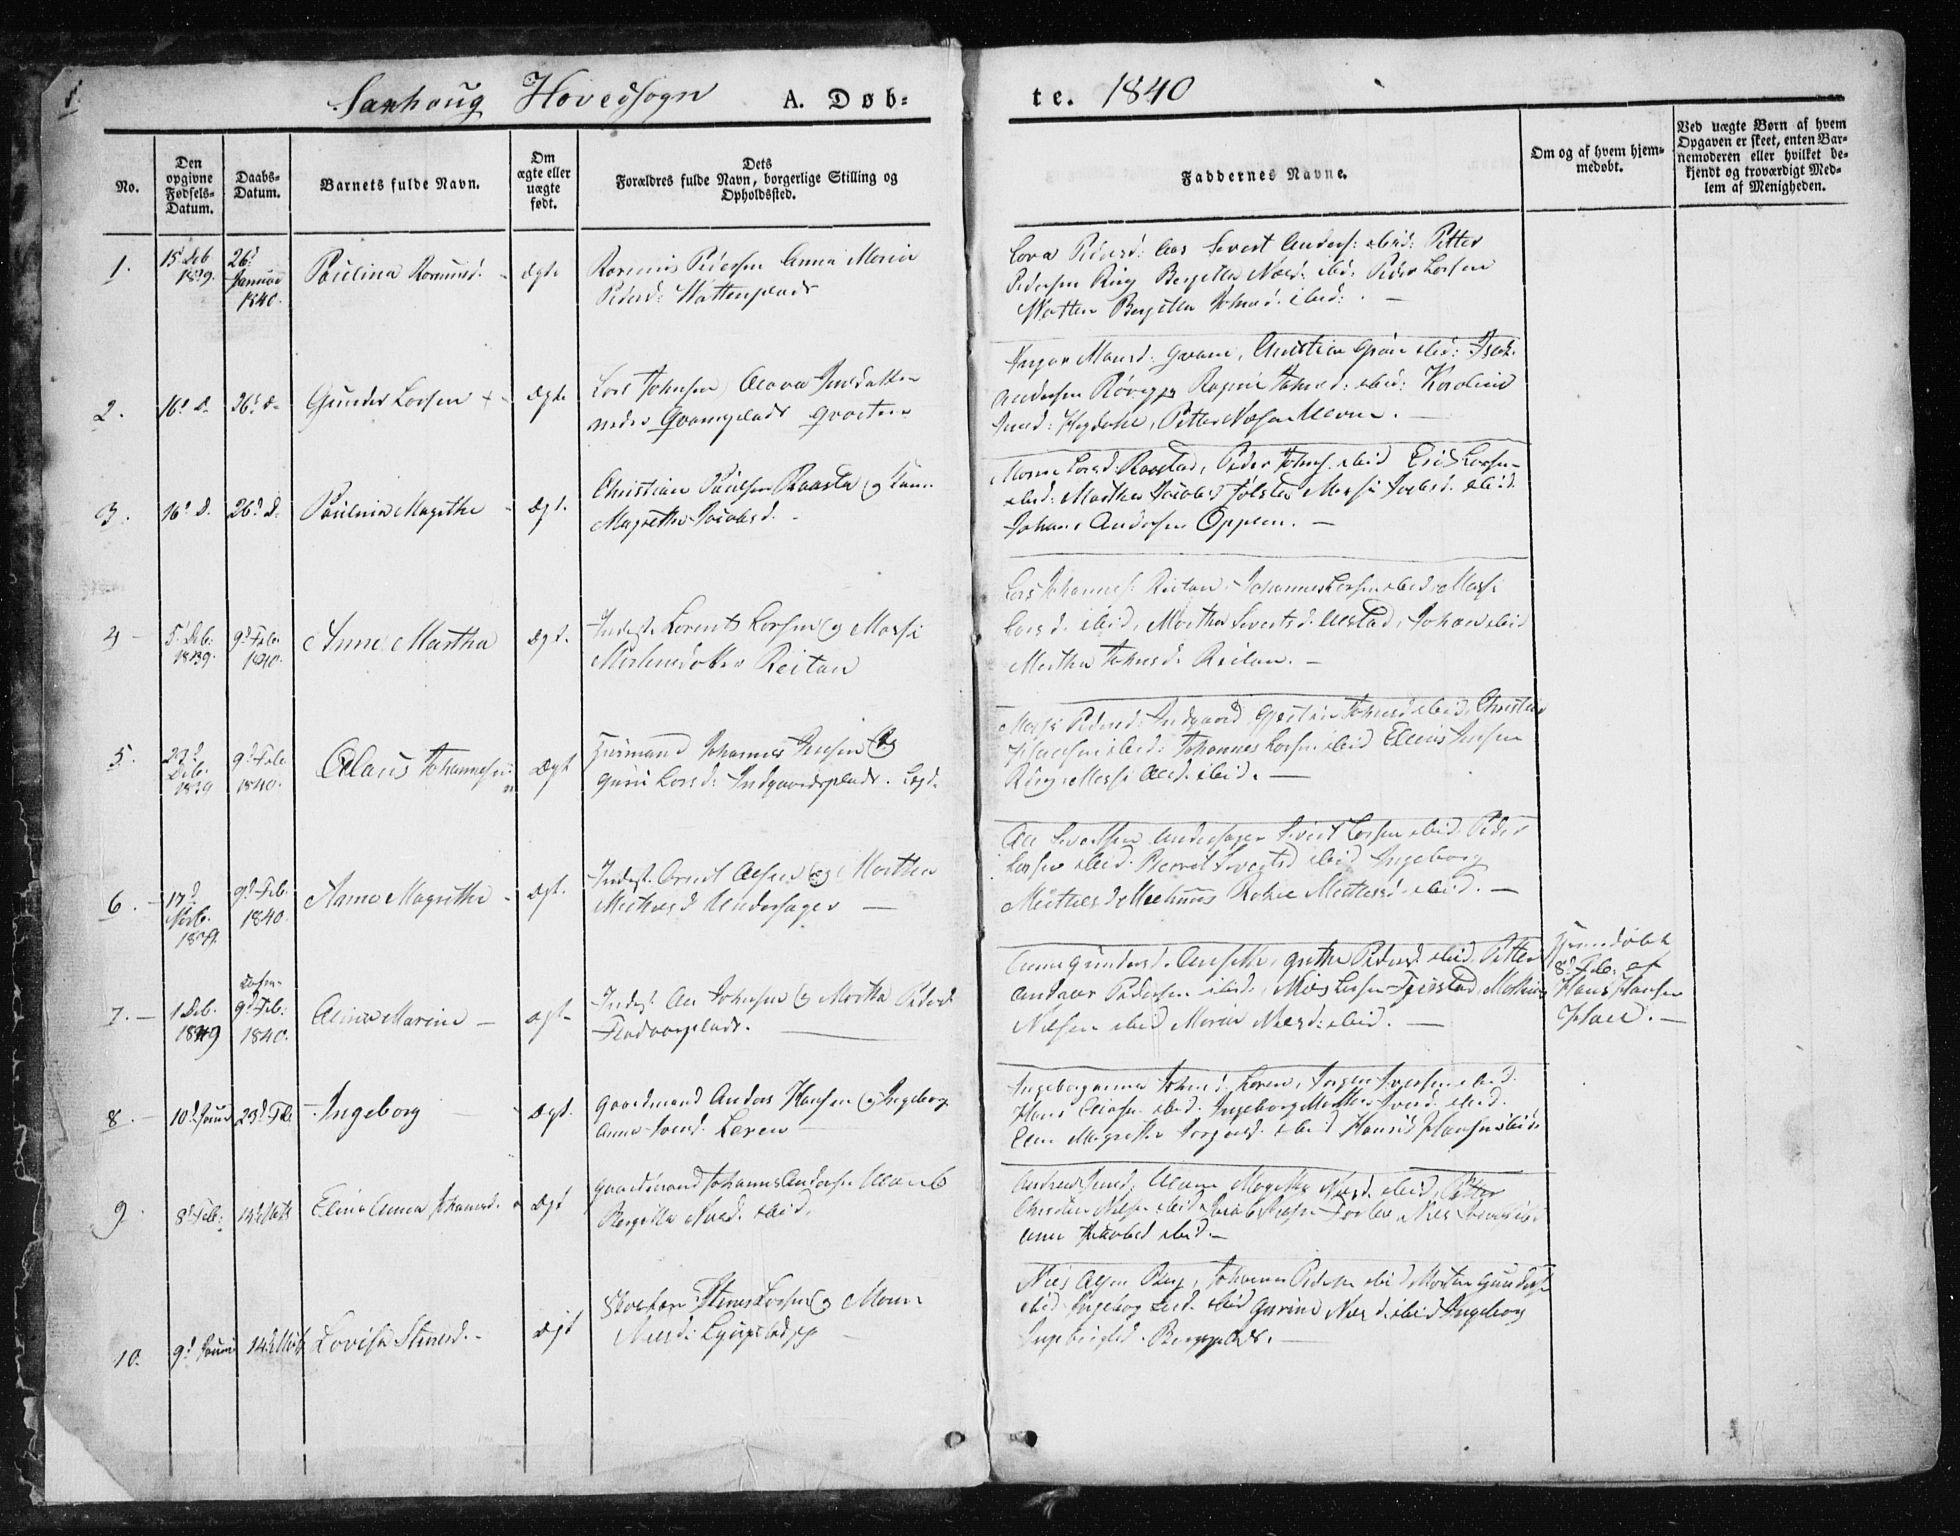 SAT, Ministerialprotokoller, klokkerbøker og fødselsregistre - Nord-Trøndelag, 730/L0280: Ministerialbok nr. 730A07 /1, 1840-1854, s. 1